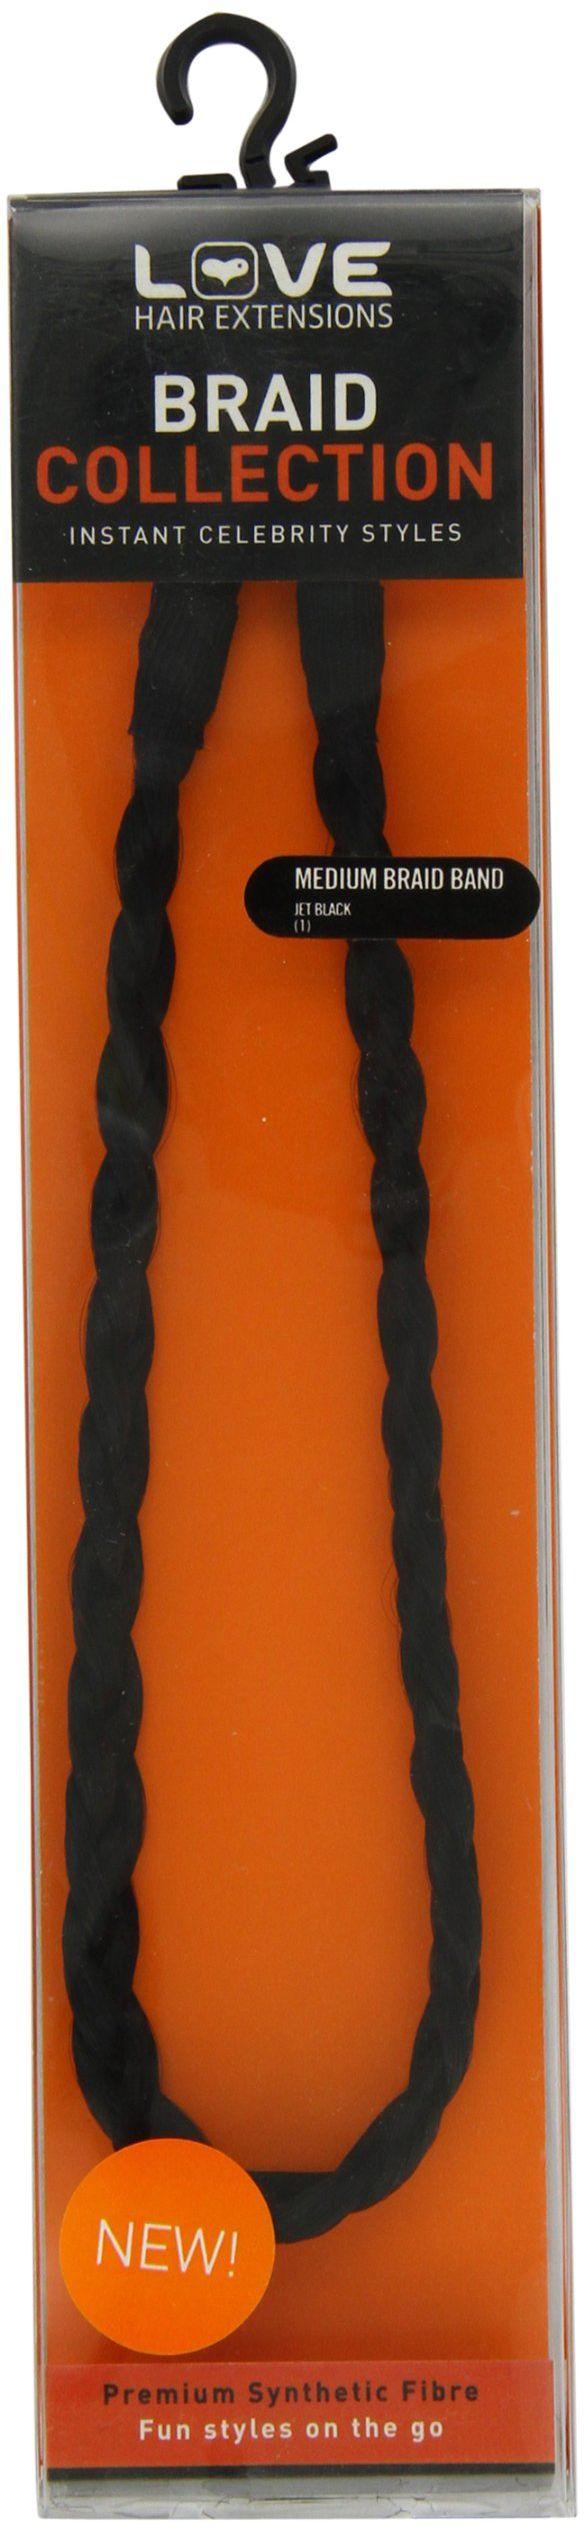 Love Hair Extensions opaska do włosów, pleciona, rozmiar M